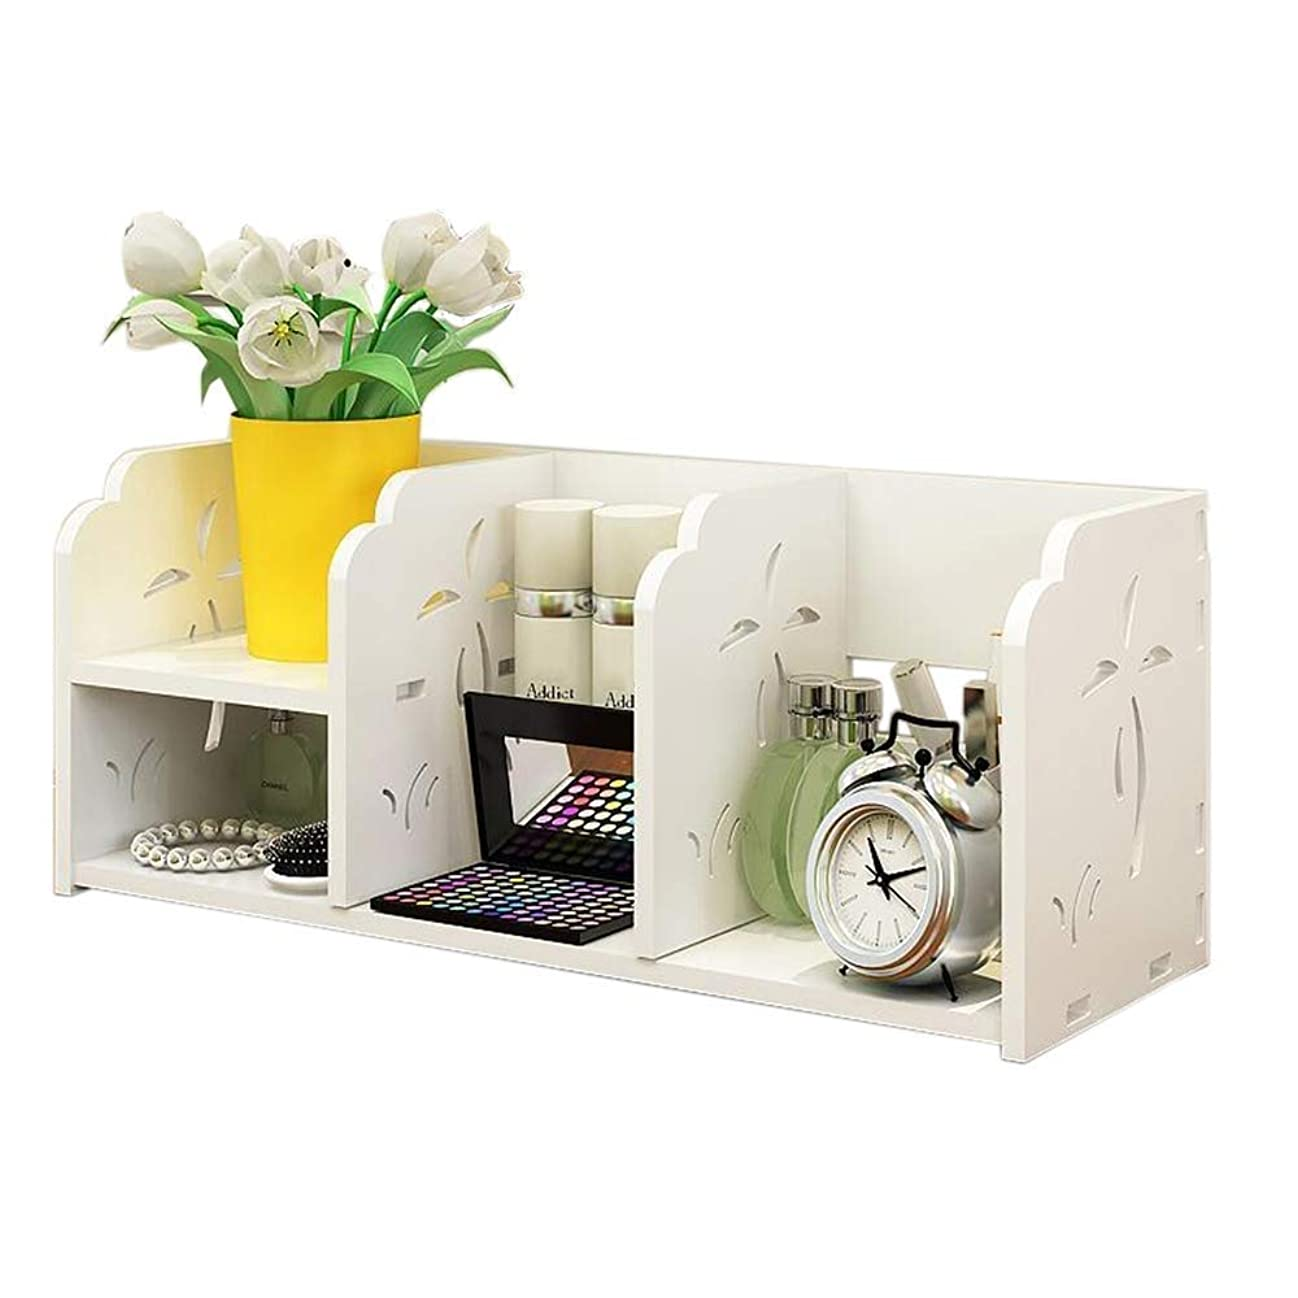 することになっているインシュレータ前文Selm 棚デスクトップ本棚ホームオフィスキャビネットDIY収納ラックブックラックウッドプラスチックボード